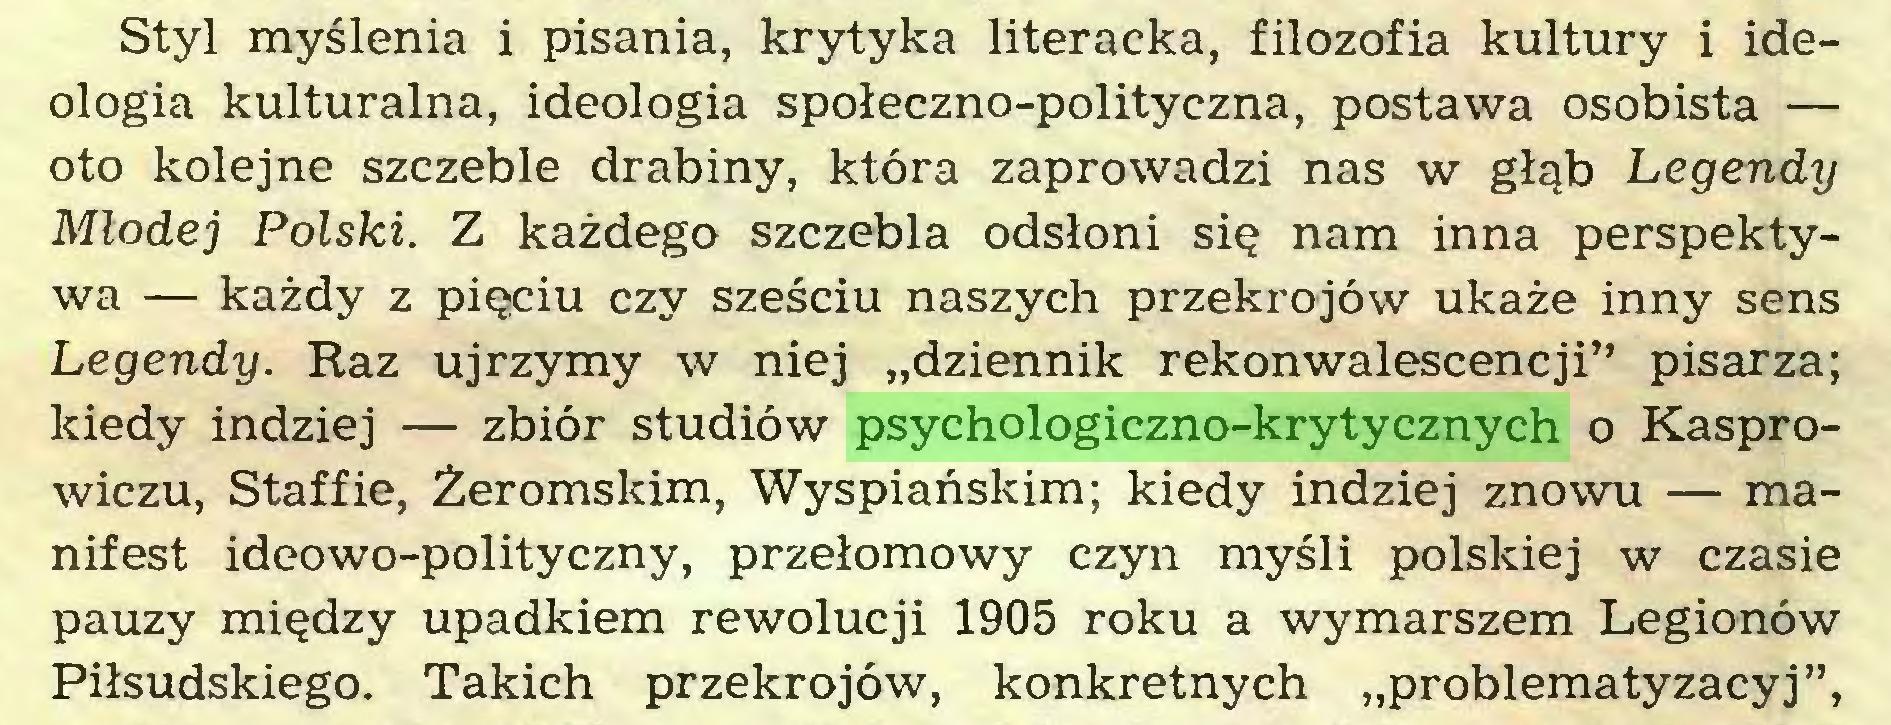 """(...) Styl myślenia i pisania, krytyka literacka, filozofia kultury i ideologia kulturalna, ideologia społeczno-polityczna, postawa osobista — oto kolejne szczeble drabiny, która zaprowadzi nas w głąb Legendy Młodej Polski. Z każdego szczebla odsłoni się nam inna perspektywa — każdy z pięciu czy sześciu naszych przekrojów ukaże inny sens Legendy. Raz ujrzymy w niej """"dziennik rekonwalescencji"""" pisarza; kiedy indziej — zbiór studiów psychologiczno-krytycznych o Kasprowiczu, Staffie, Żeromskim, Wyspiańskim; kiedy indziej znowu — manifest ideowo-polityczny, przełomowy czyn myśli polskiej w czasie pauzy między upadkiem rewolucji 1905 roku a wymarszem Legionów Piłsudskiego. Takich przekrojów, konkretnych """"problematyzacyj"""",..."""